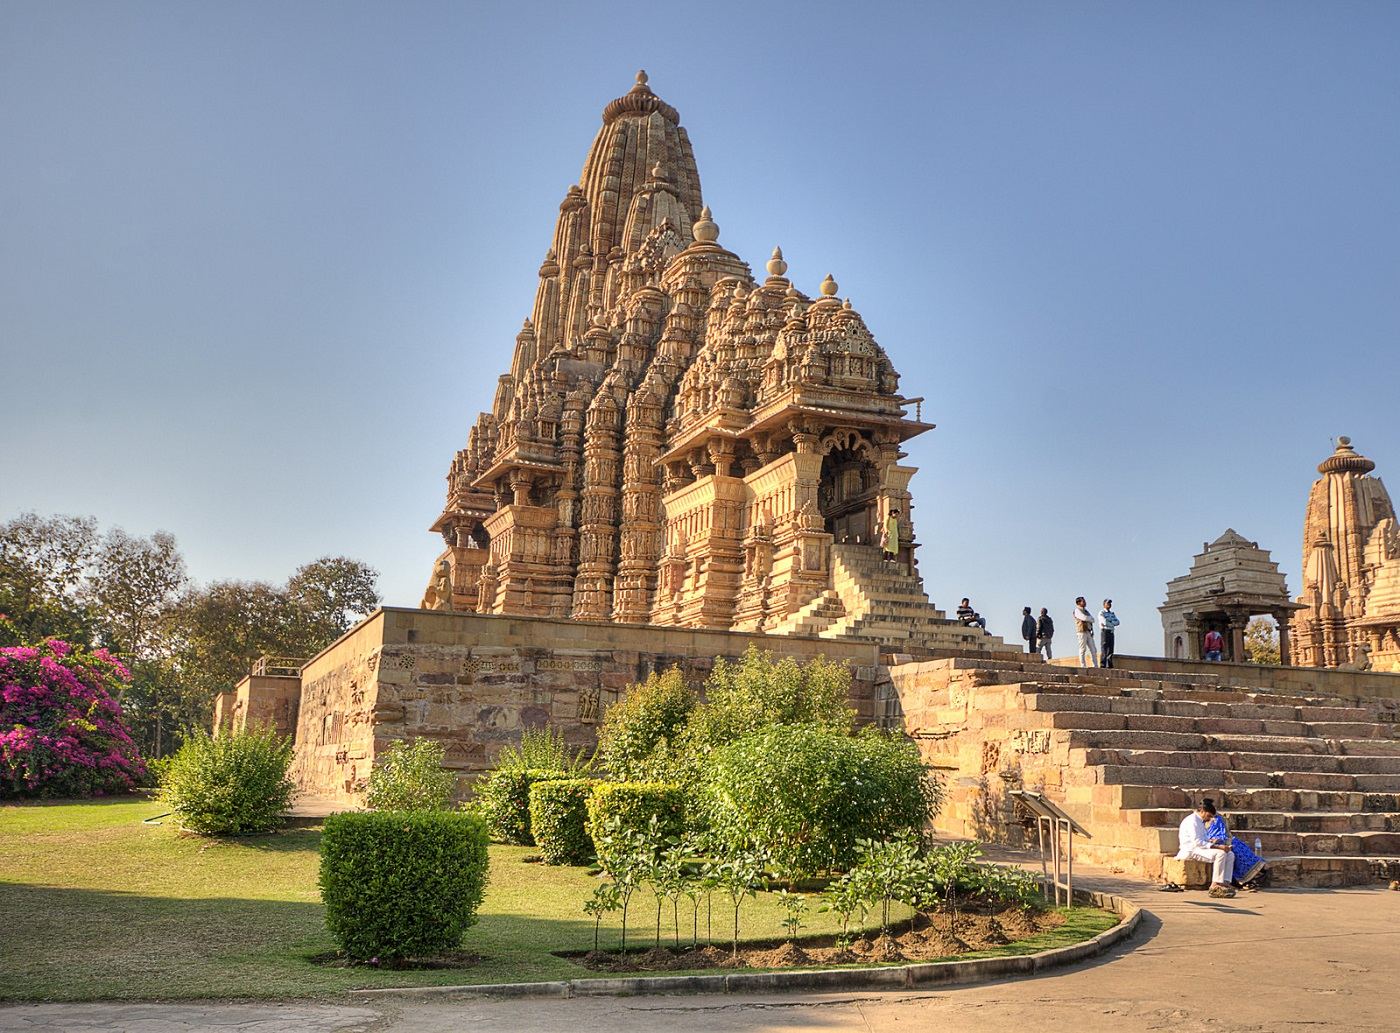 Kandariya Mahadev Temple, Khajuraho